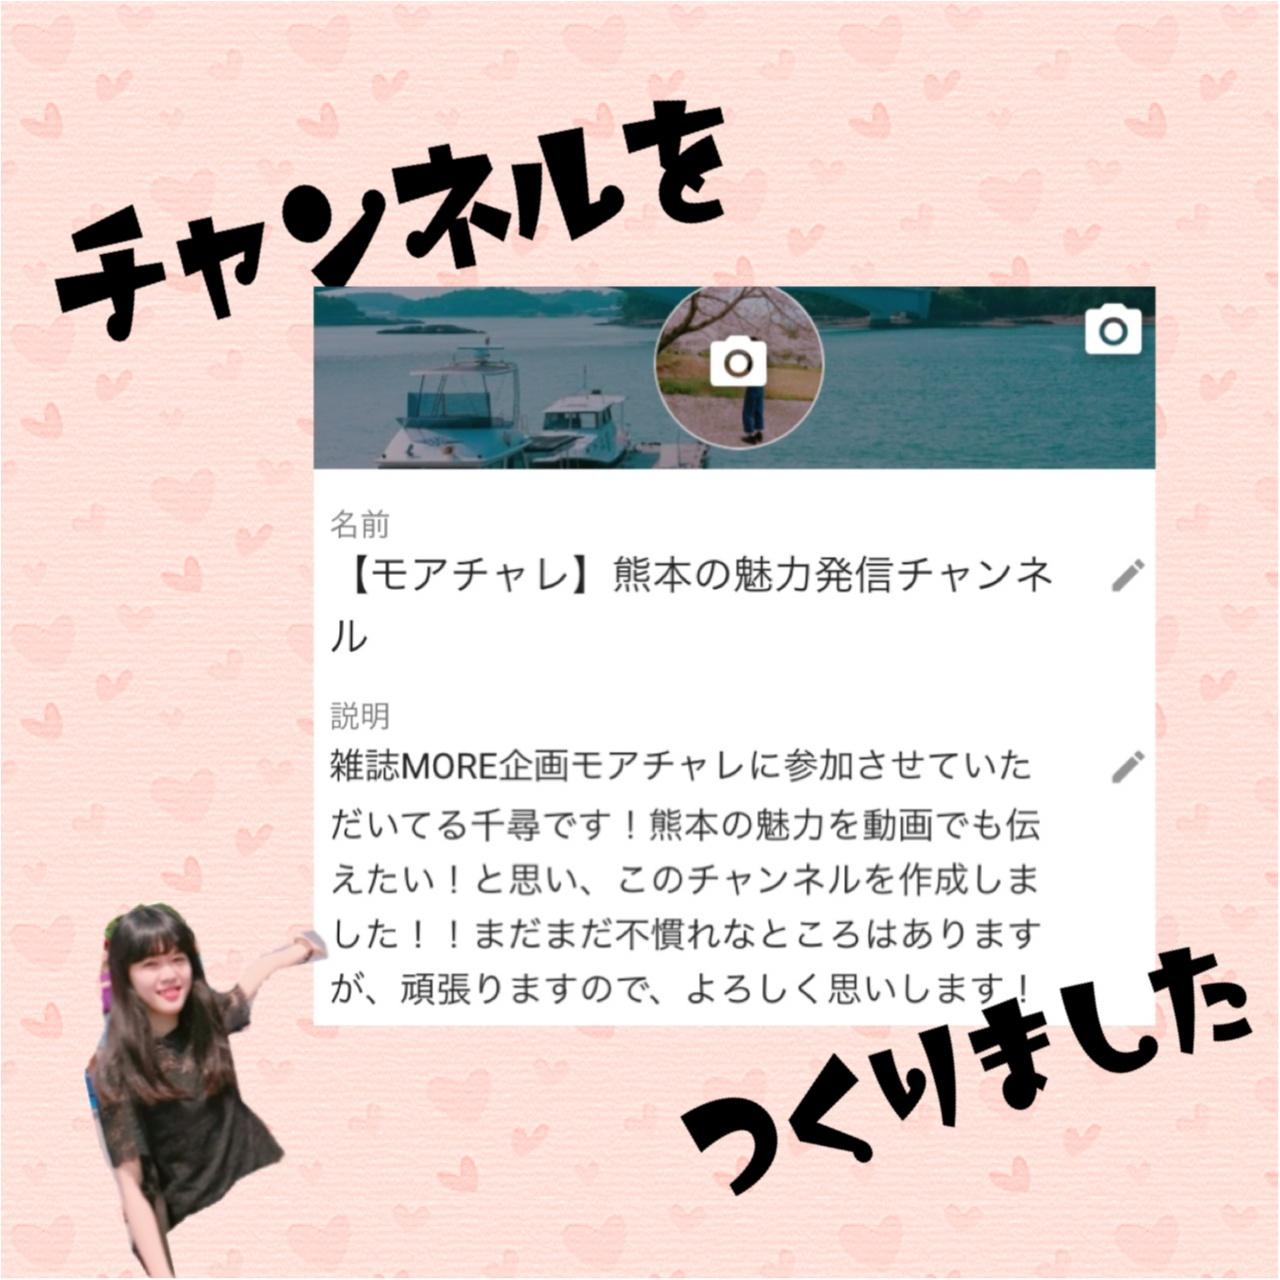 動画でも熊本の魅力を伝えます!!【#モアチャレ 熊本の魅力発信!】_1